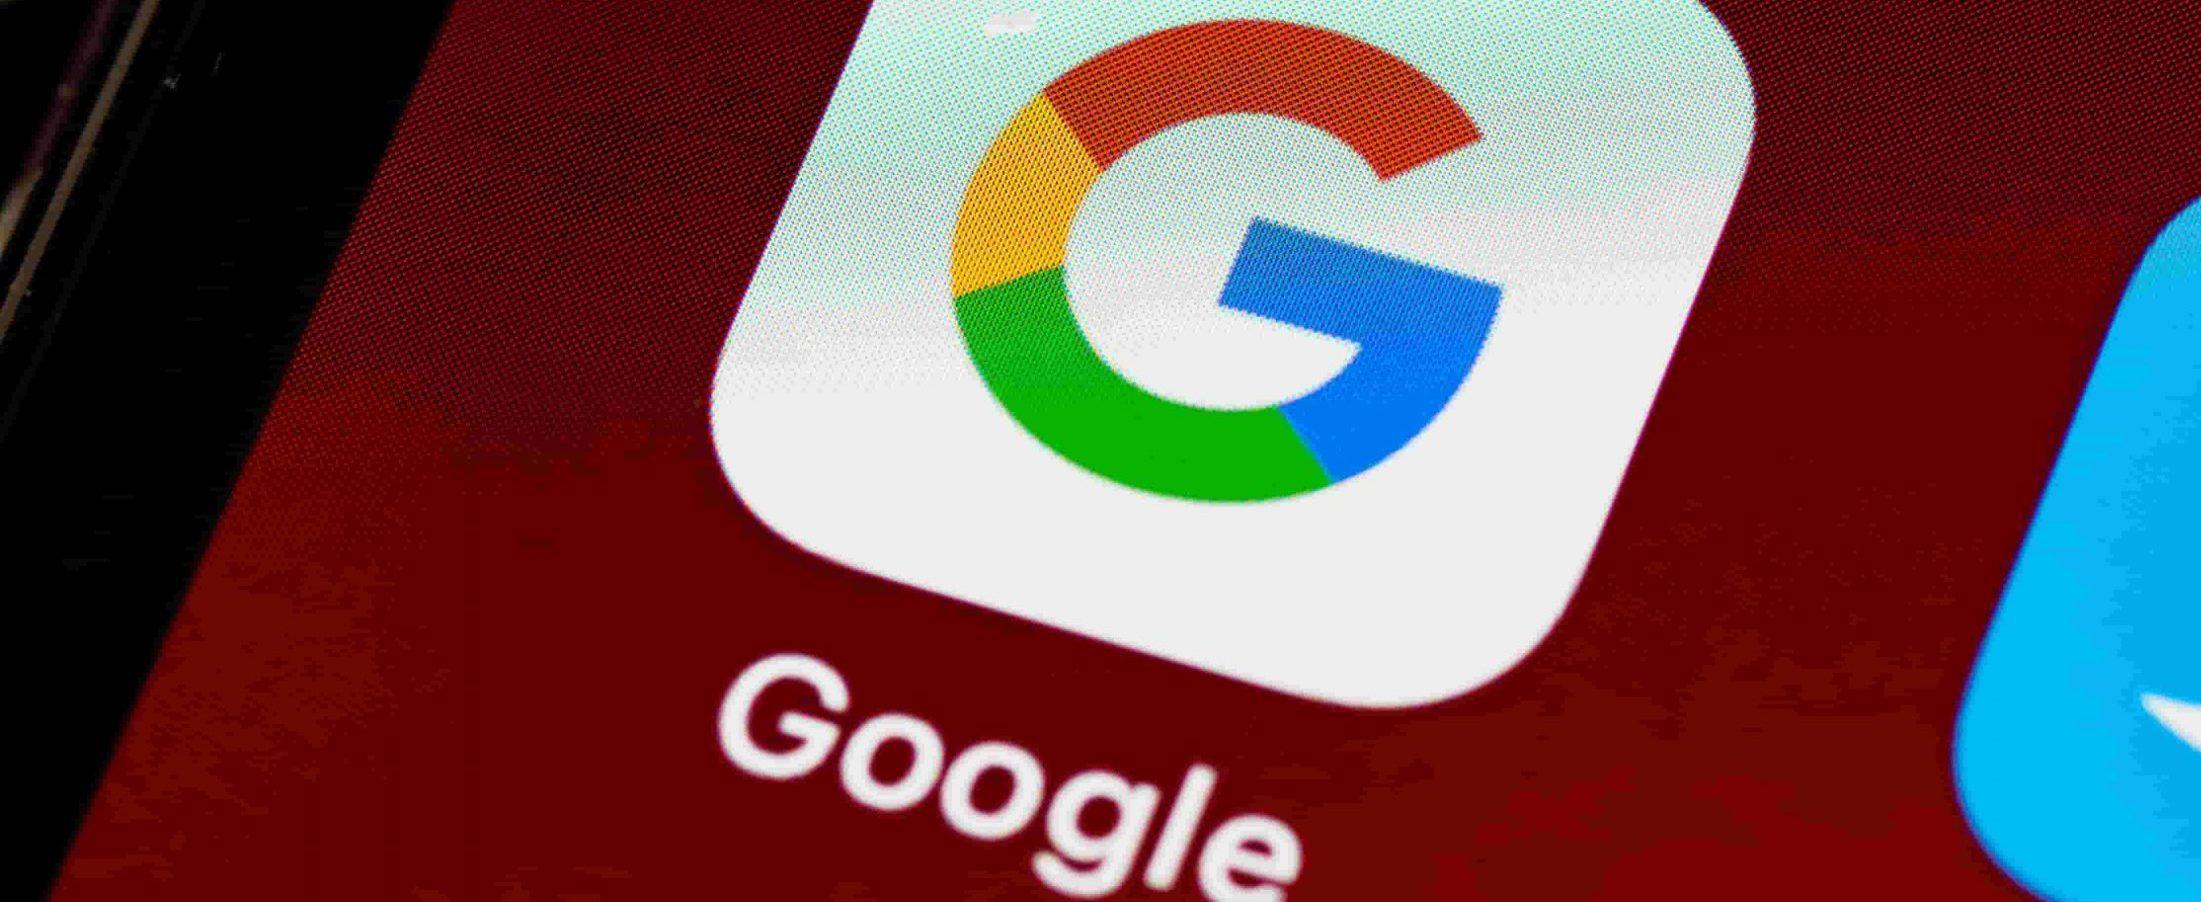 Google Ads : Quelle stratégie d'enchère choisir ?